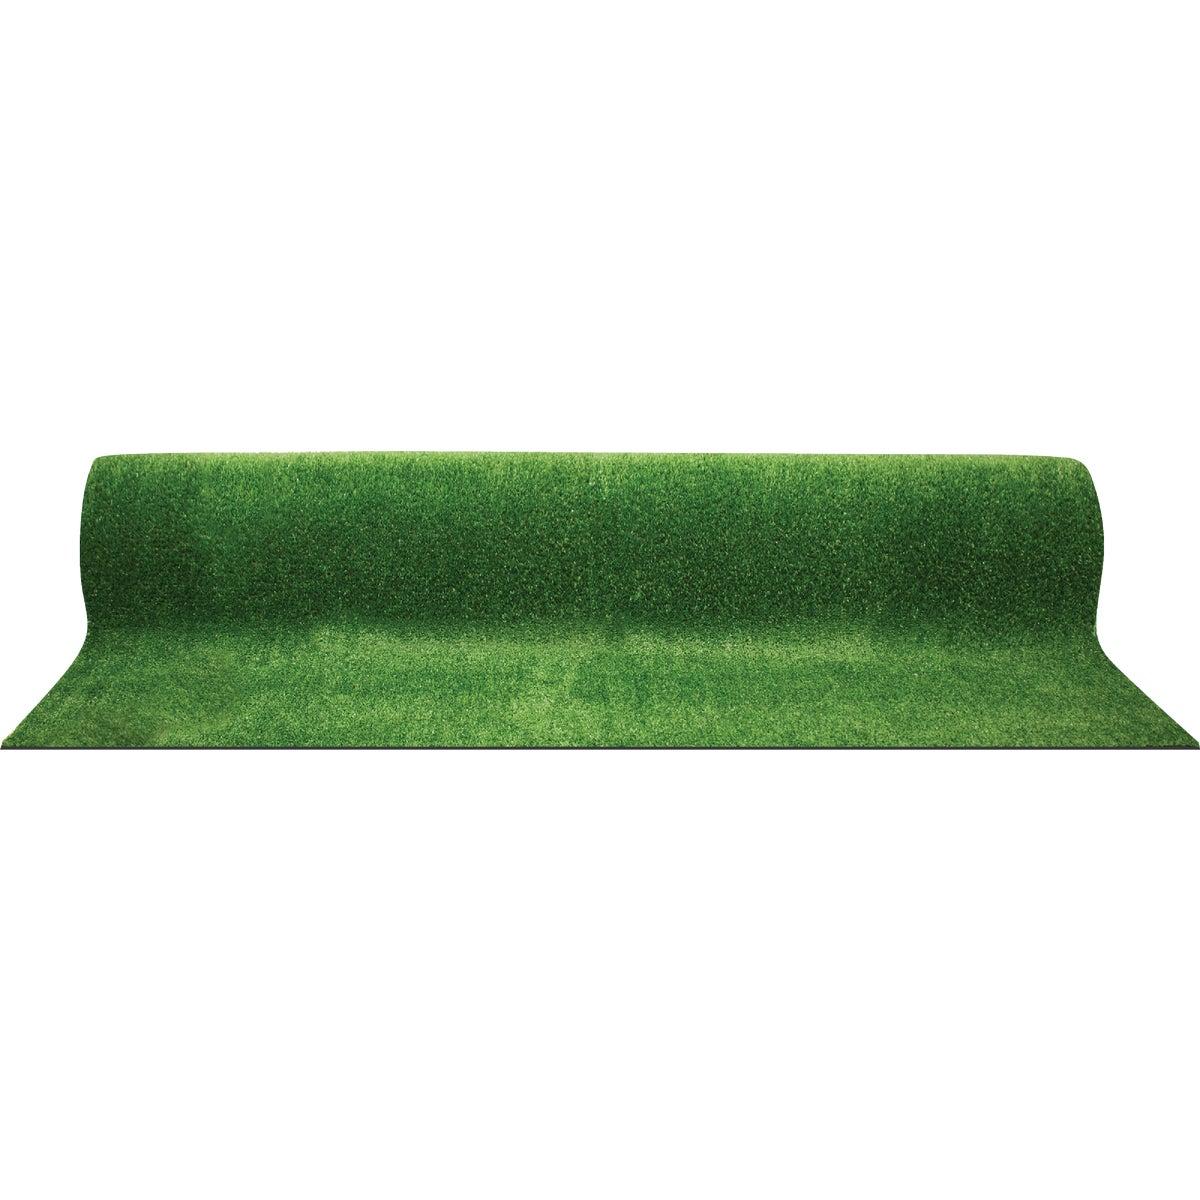 6X100 Green Grass Carpet